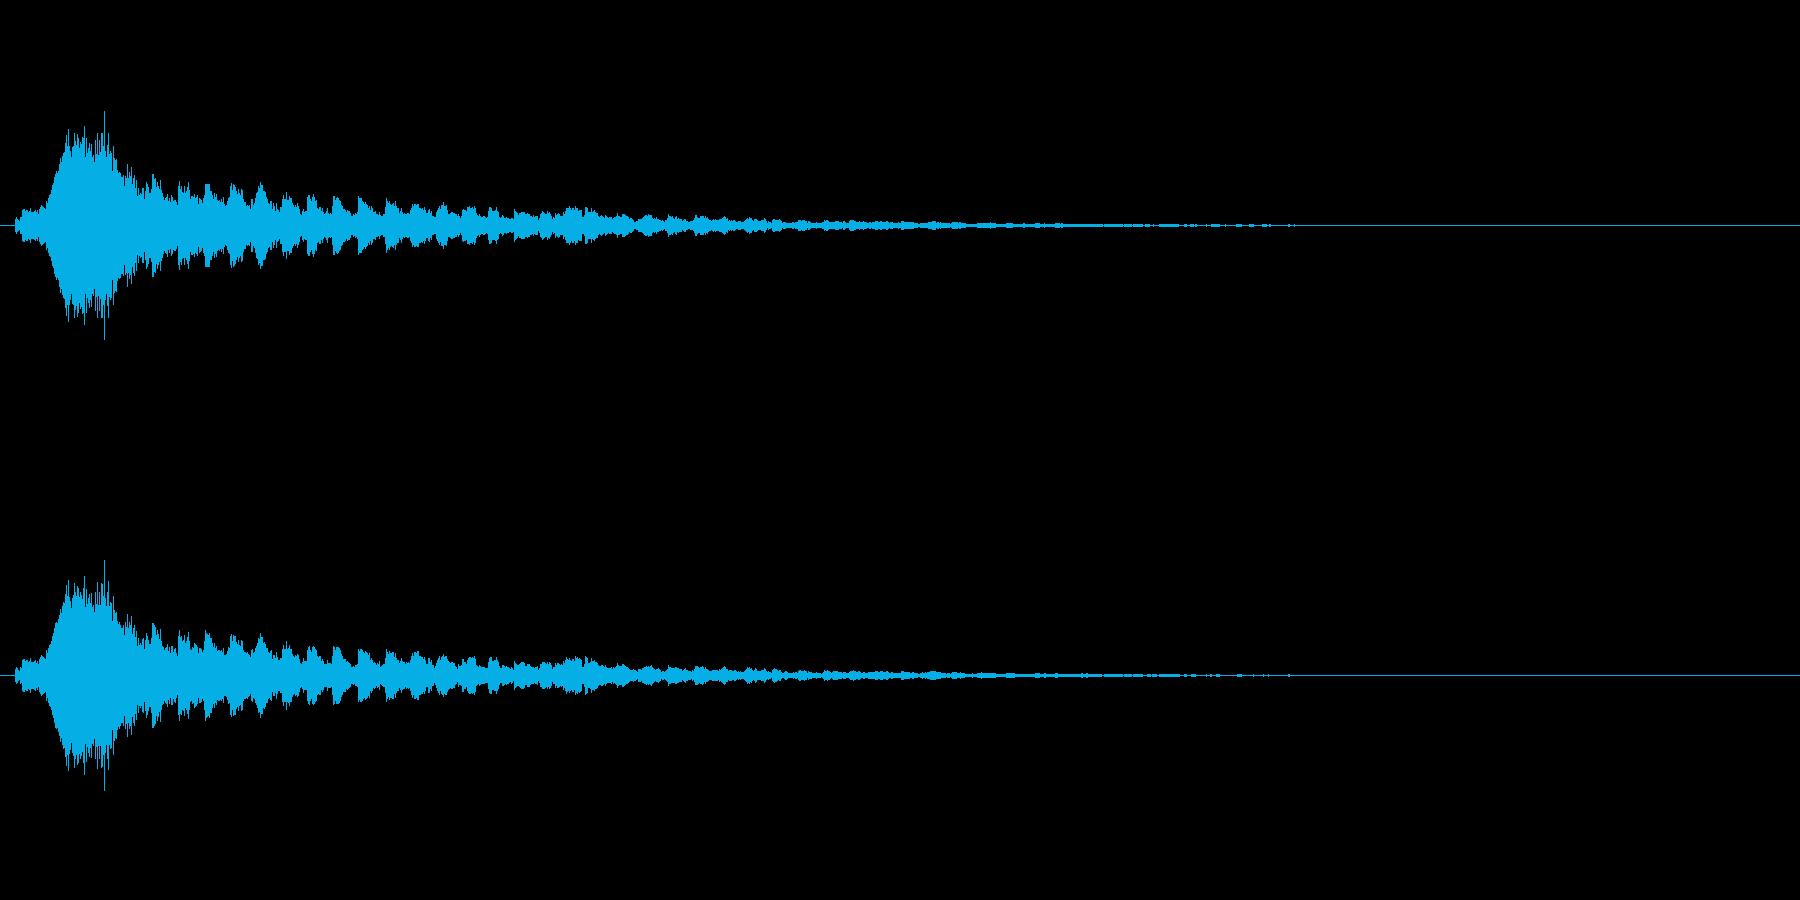 【ショートブリッジ11-3】の再生済みの波形